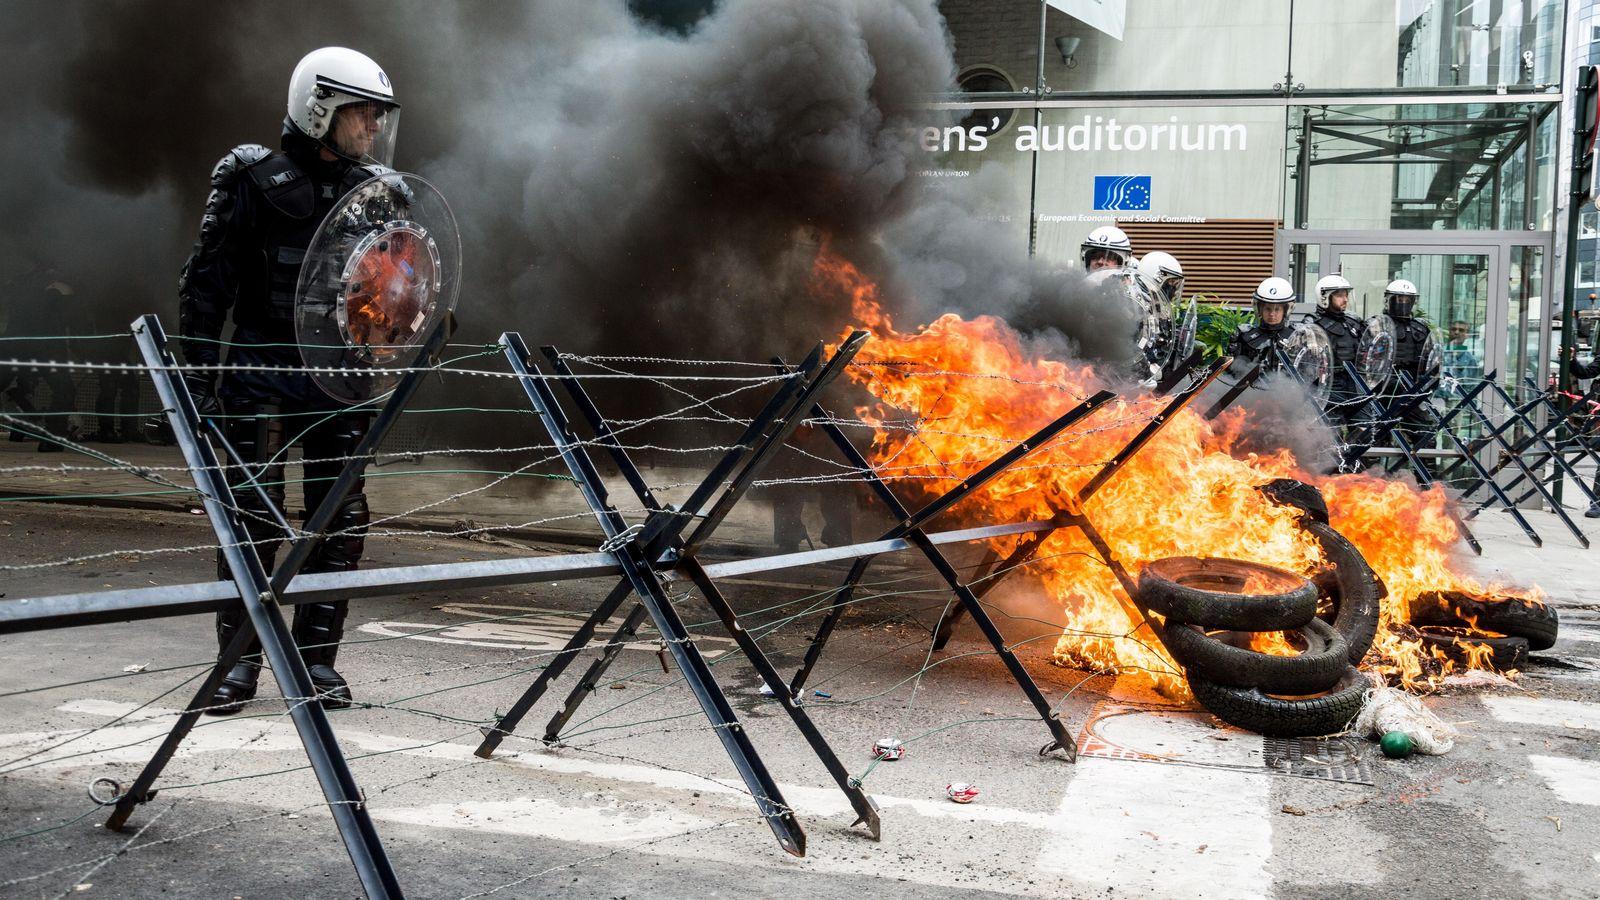 Foto: Un policía espera atrincherado durante una manifestación de granjeros en Bruselas. (Harry Proudlove/Demotix/Corbis)